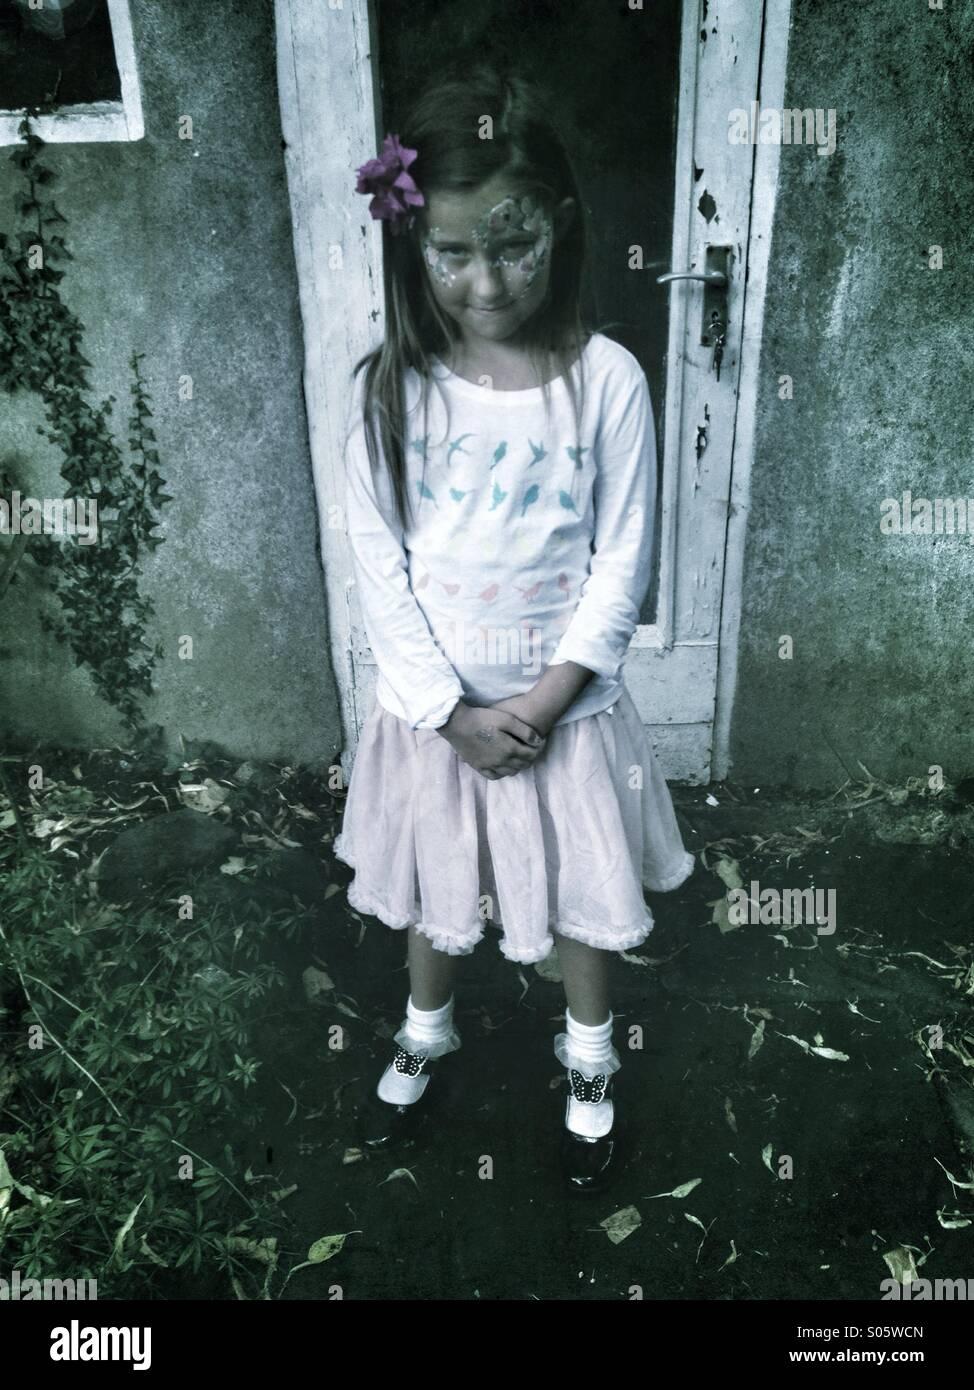 Angst vor Mädchen Stockbild